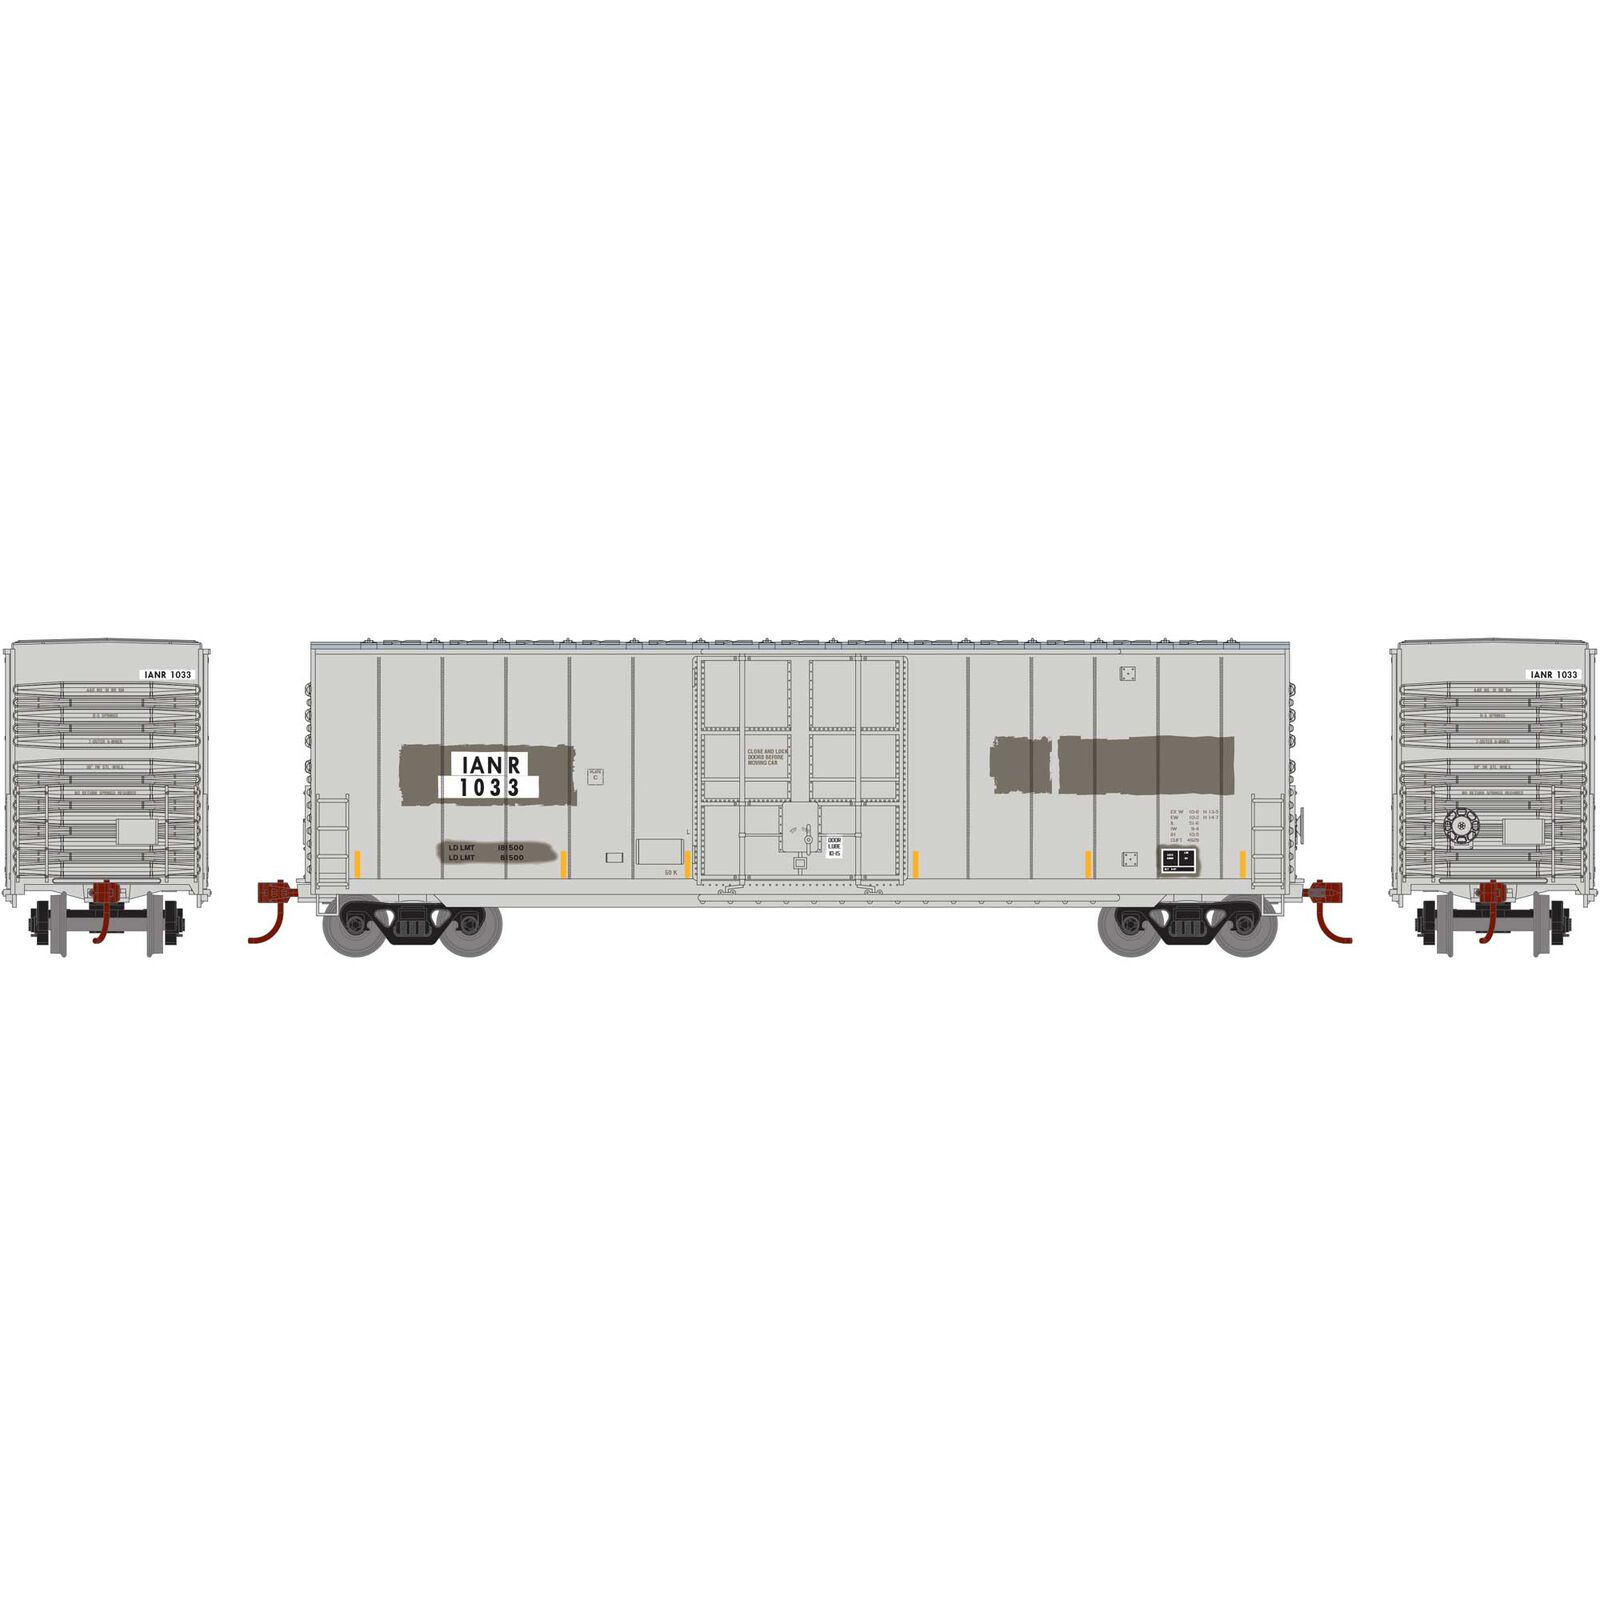 N 50' Smooth High Cube Plug Door Box, IANR #1033